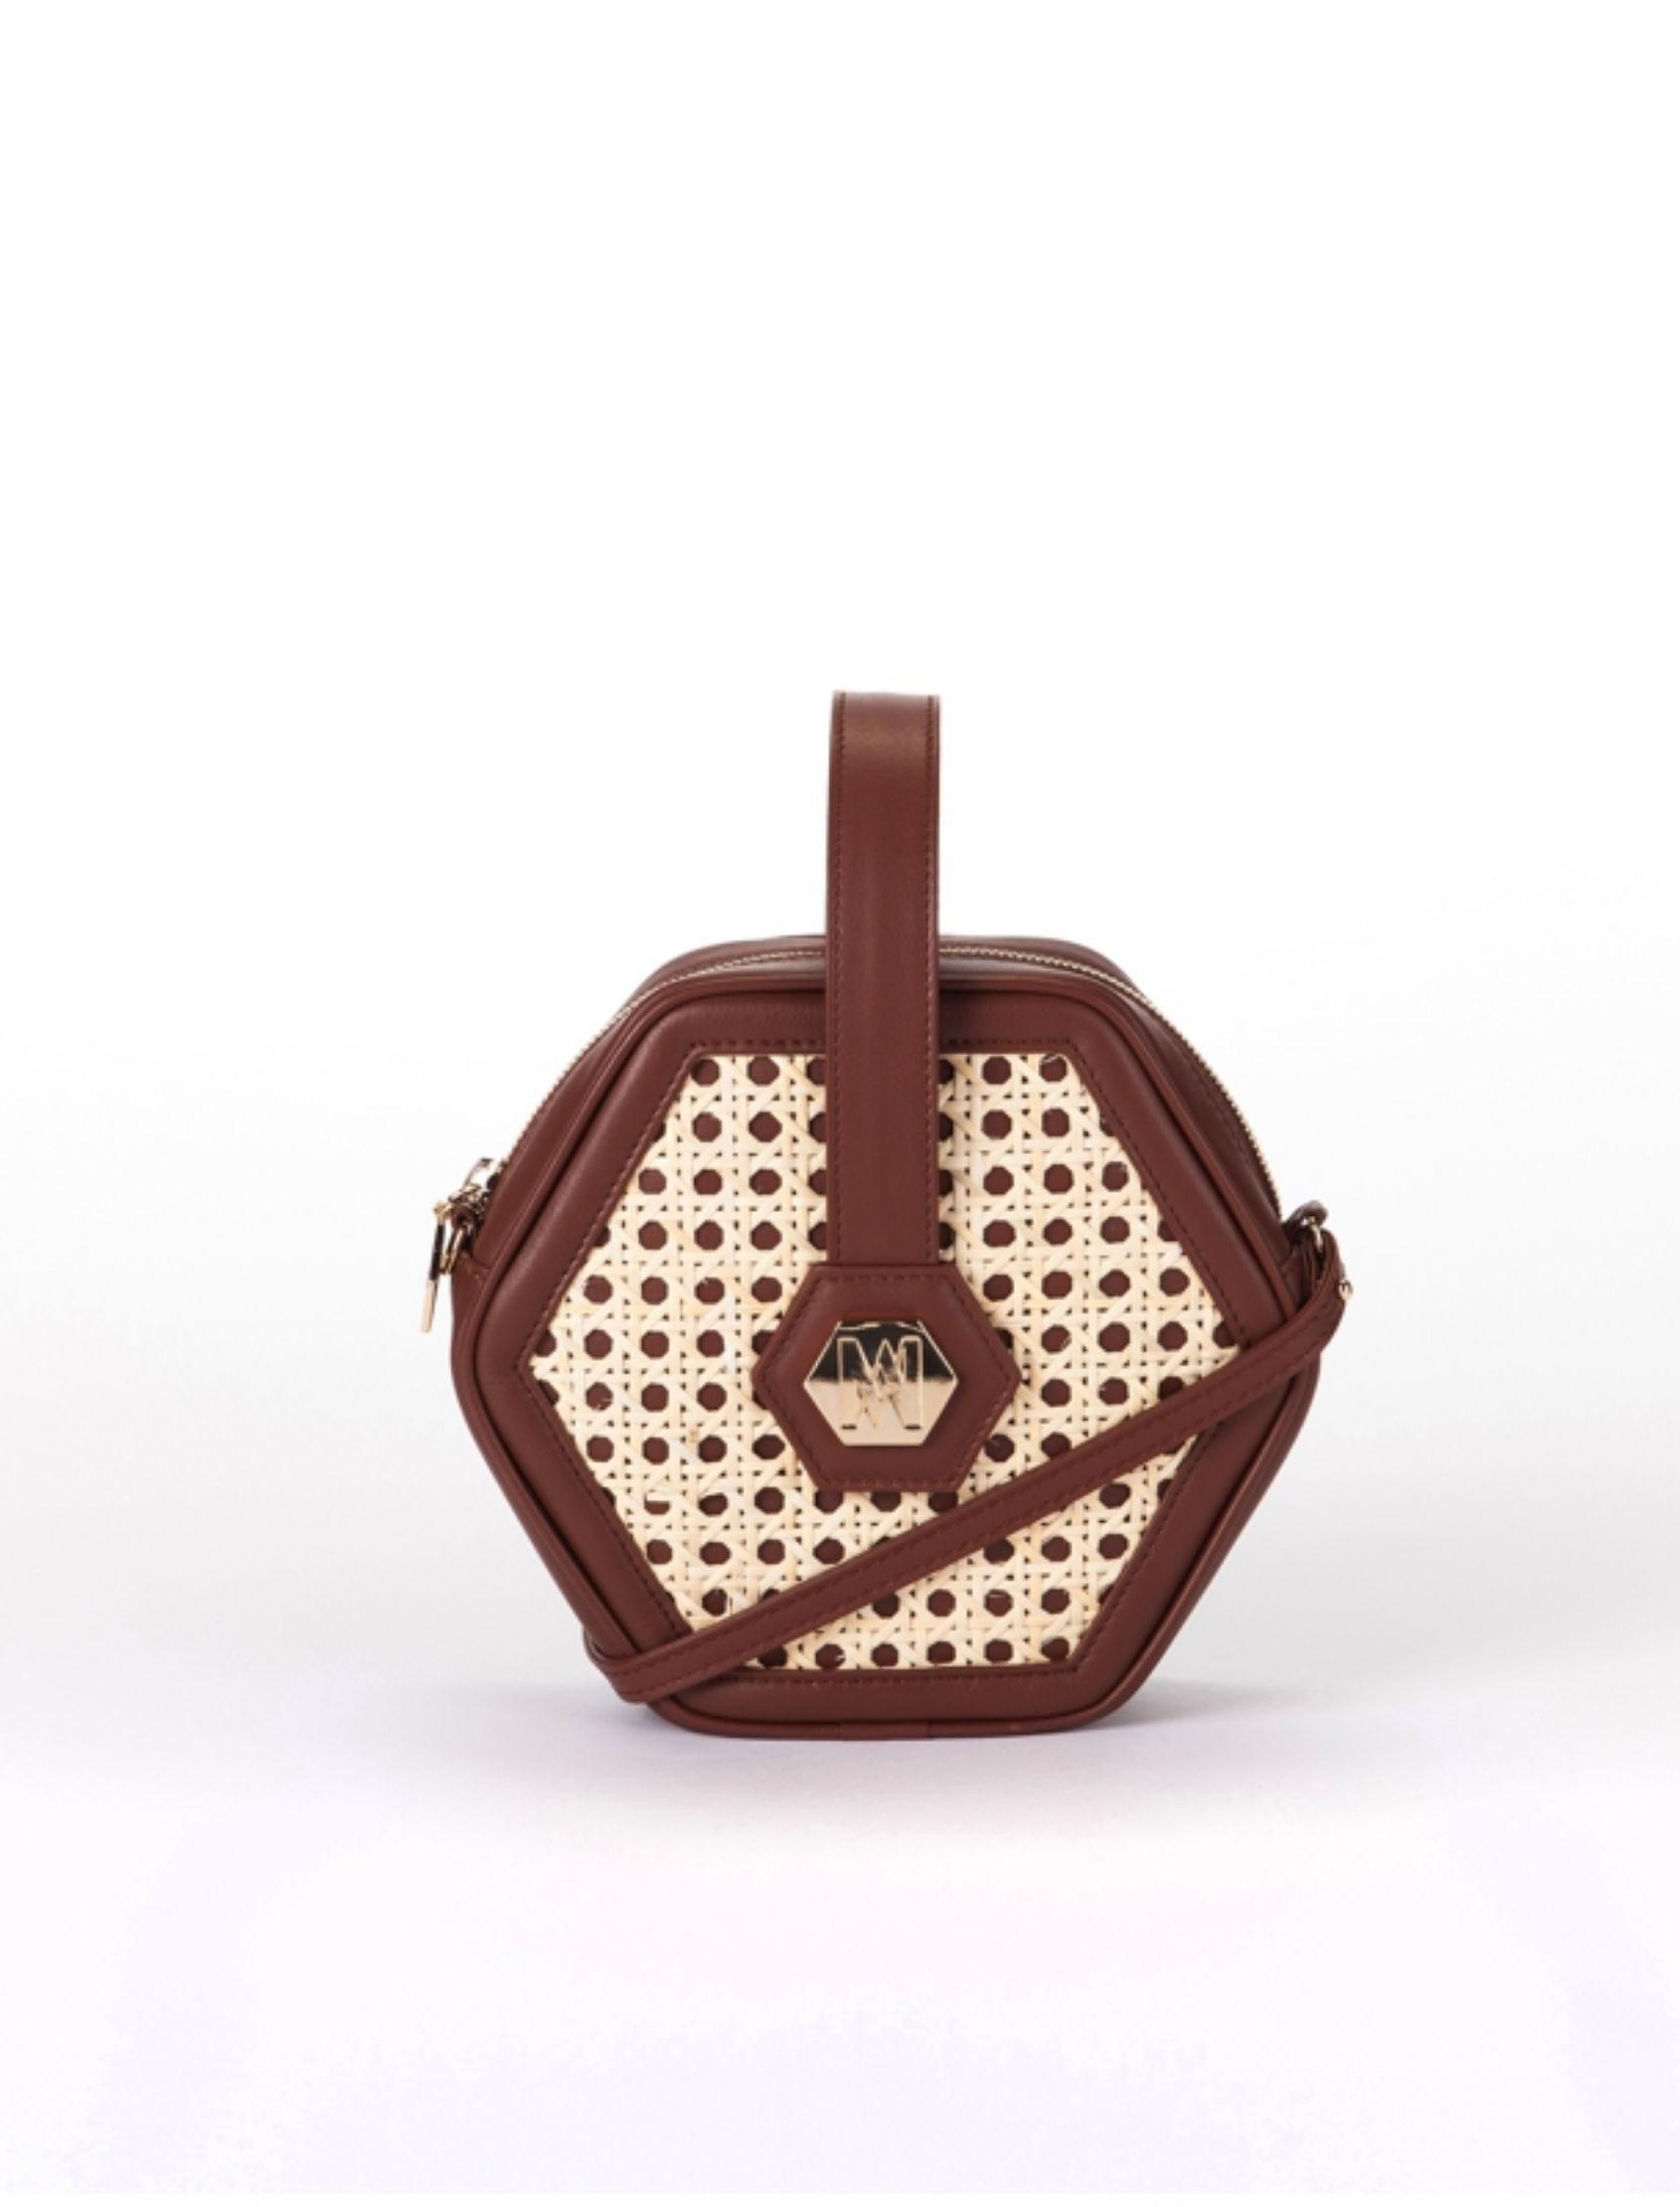 bolso classy con forma hexagonal de piel y mimbre con pieza central bañada en oro